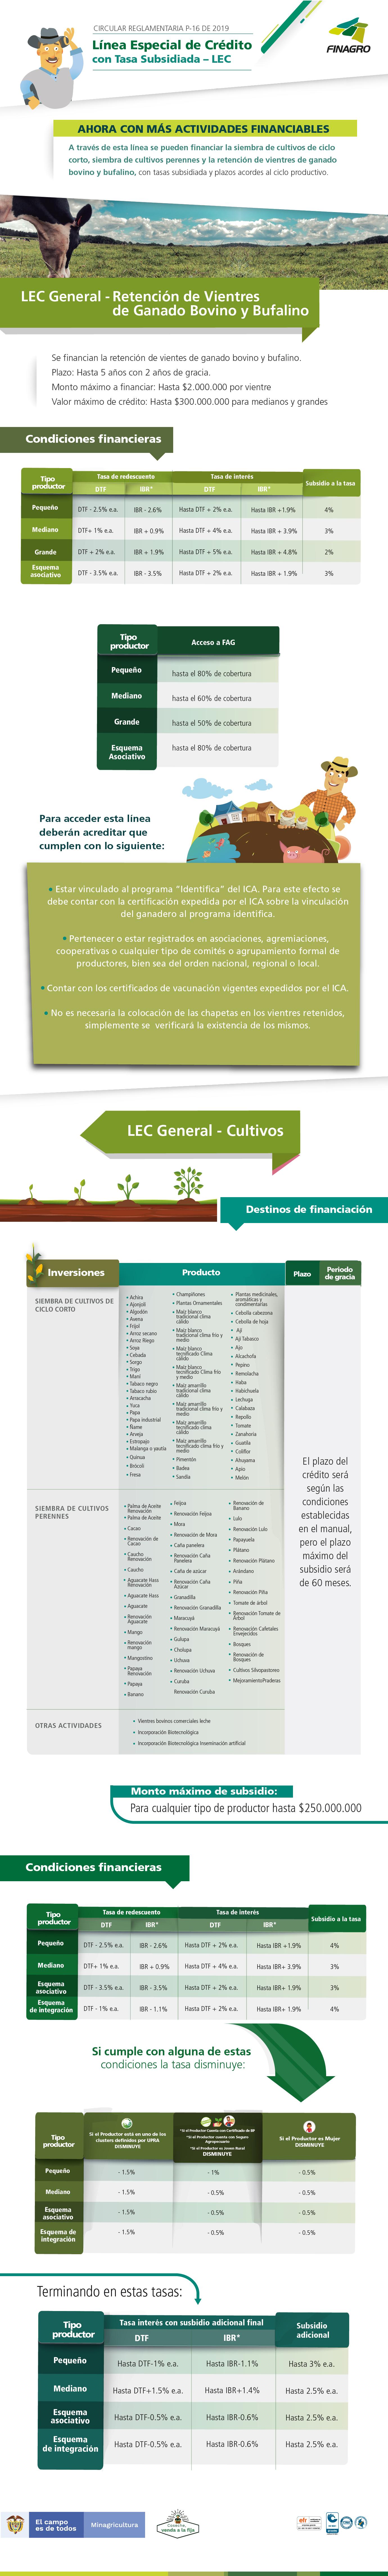 LEC General